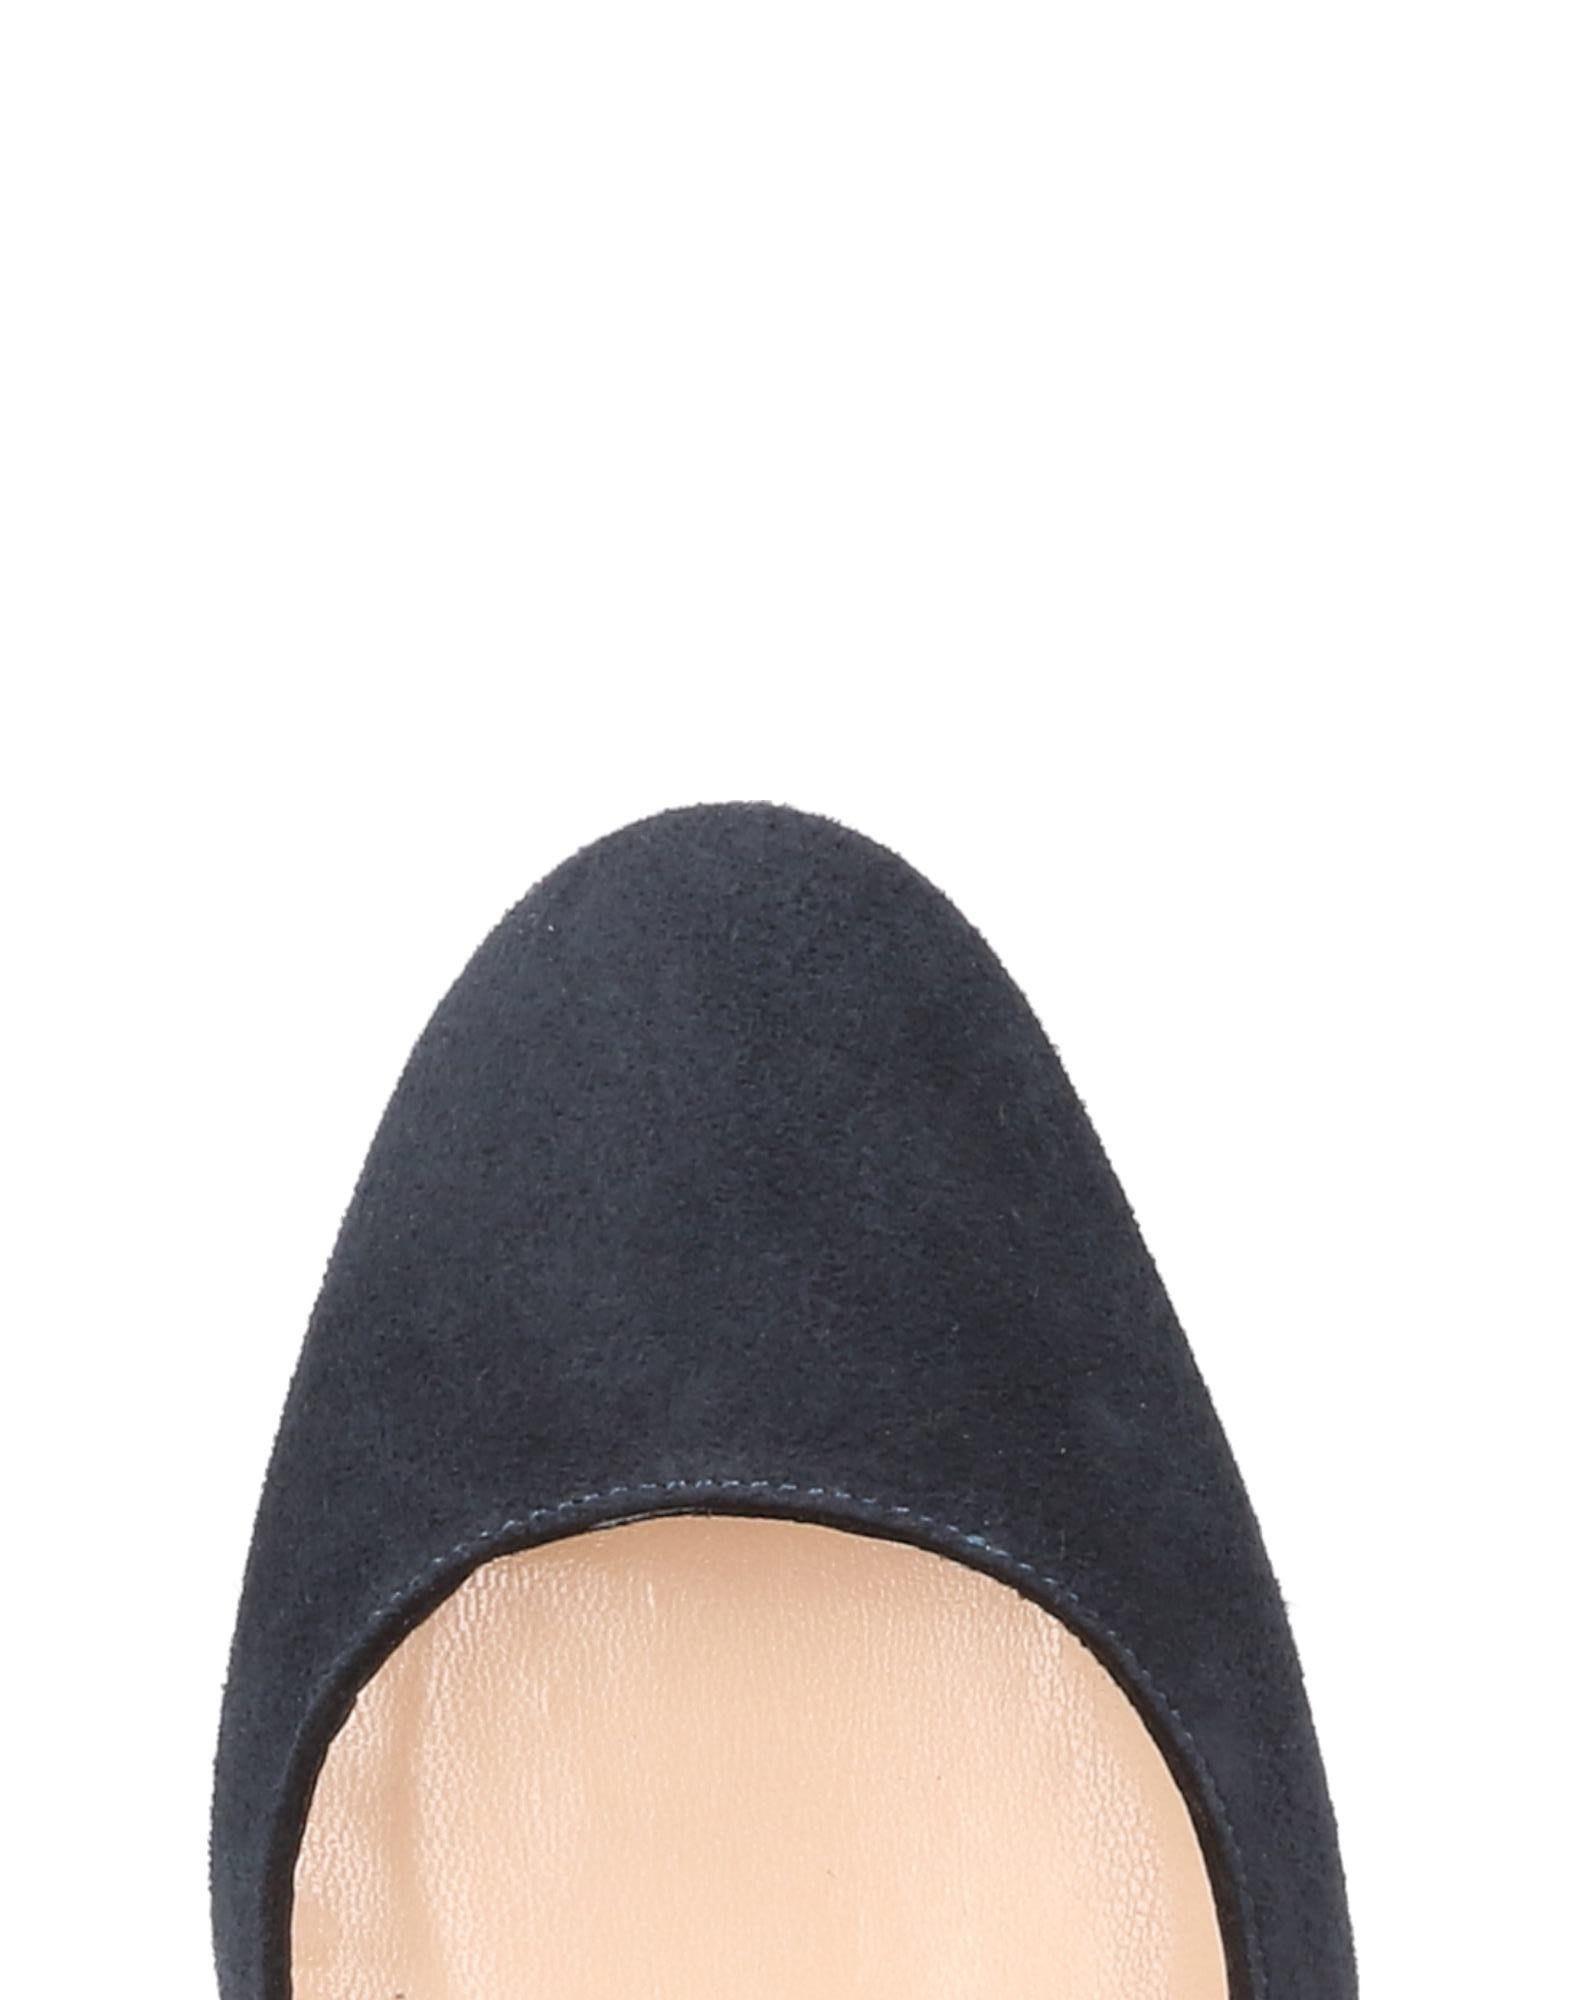 Twiggy Pumps Damen beliebte  11473195XR Gute Qualität beliebte Damen Schuhe ec247f